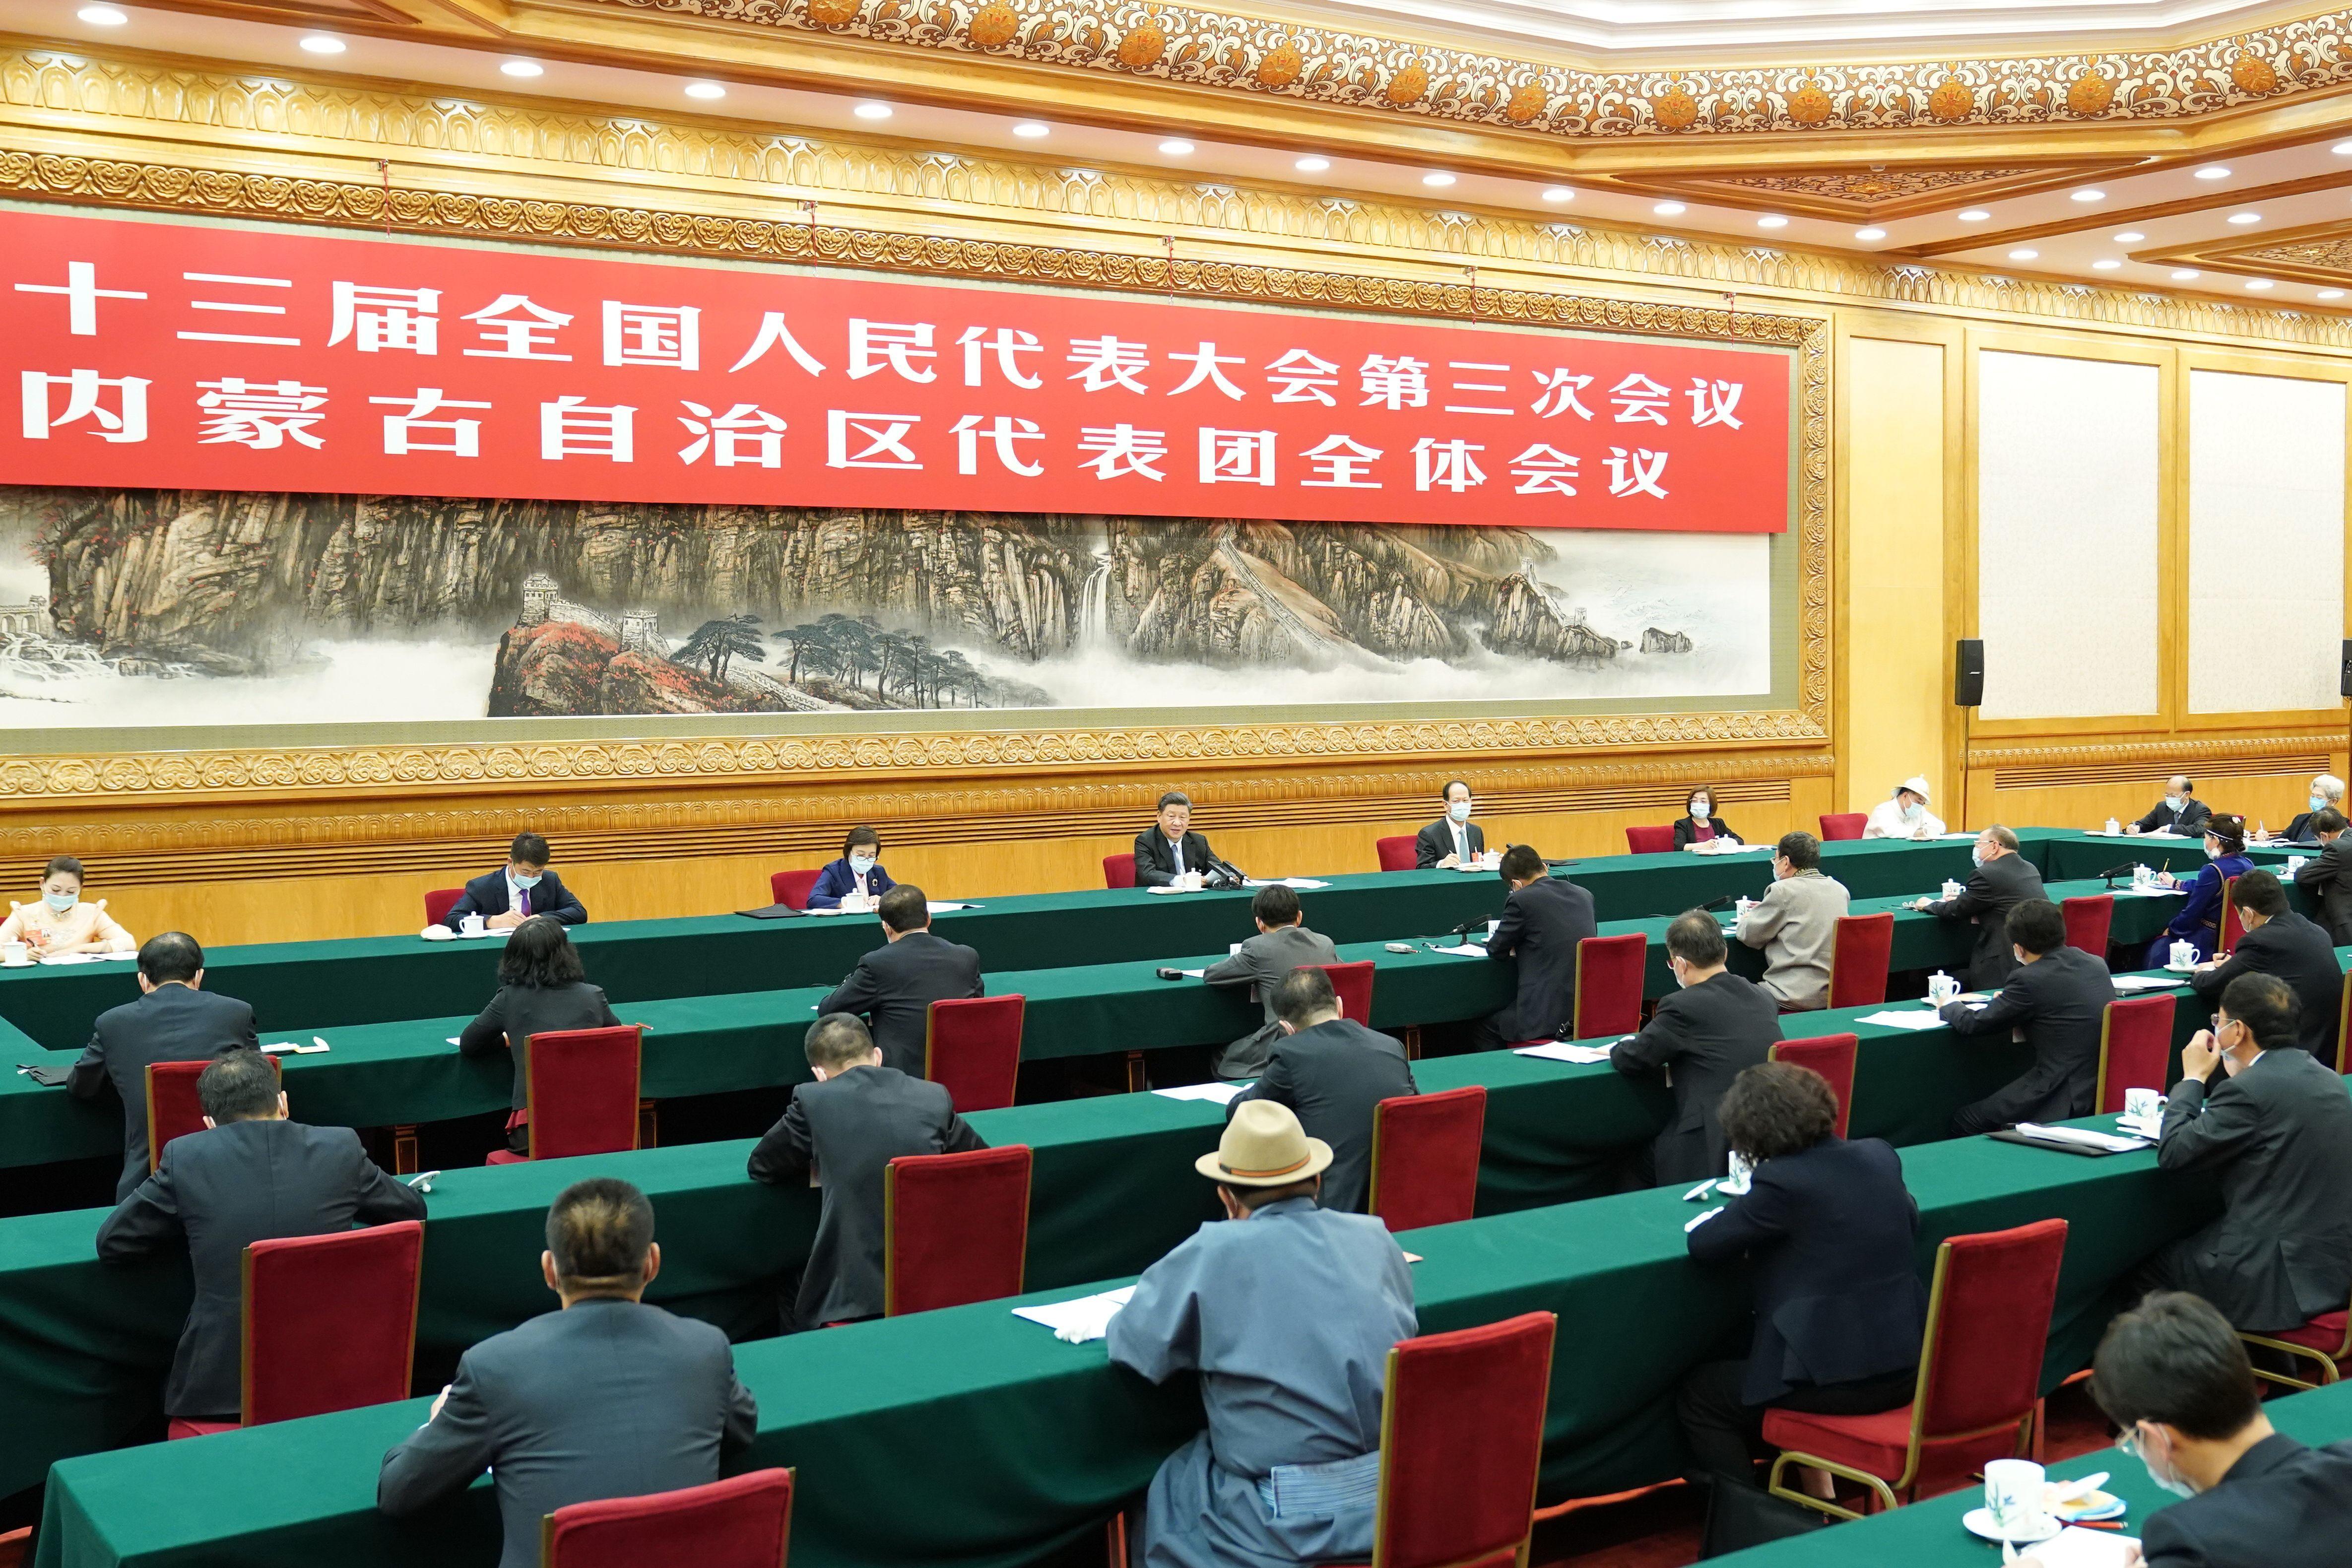 习近平在参加内蒙古代表团审议时强调 坚持人民至上 不断造福人民 把以人民为中心的发展思想落实到各项决策部署和实际工作之中